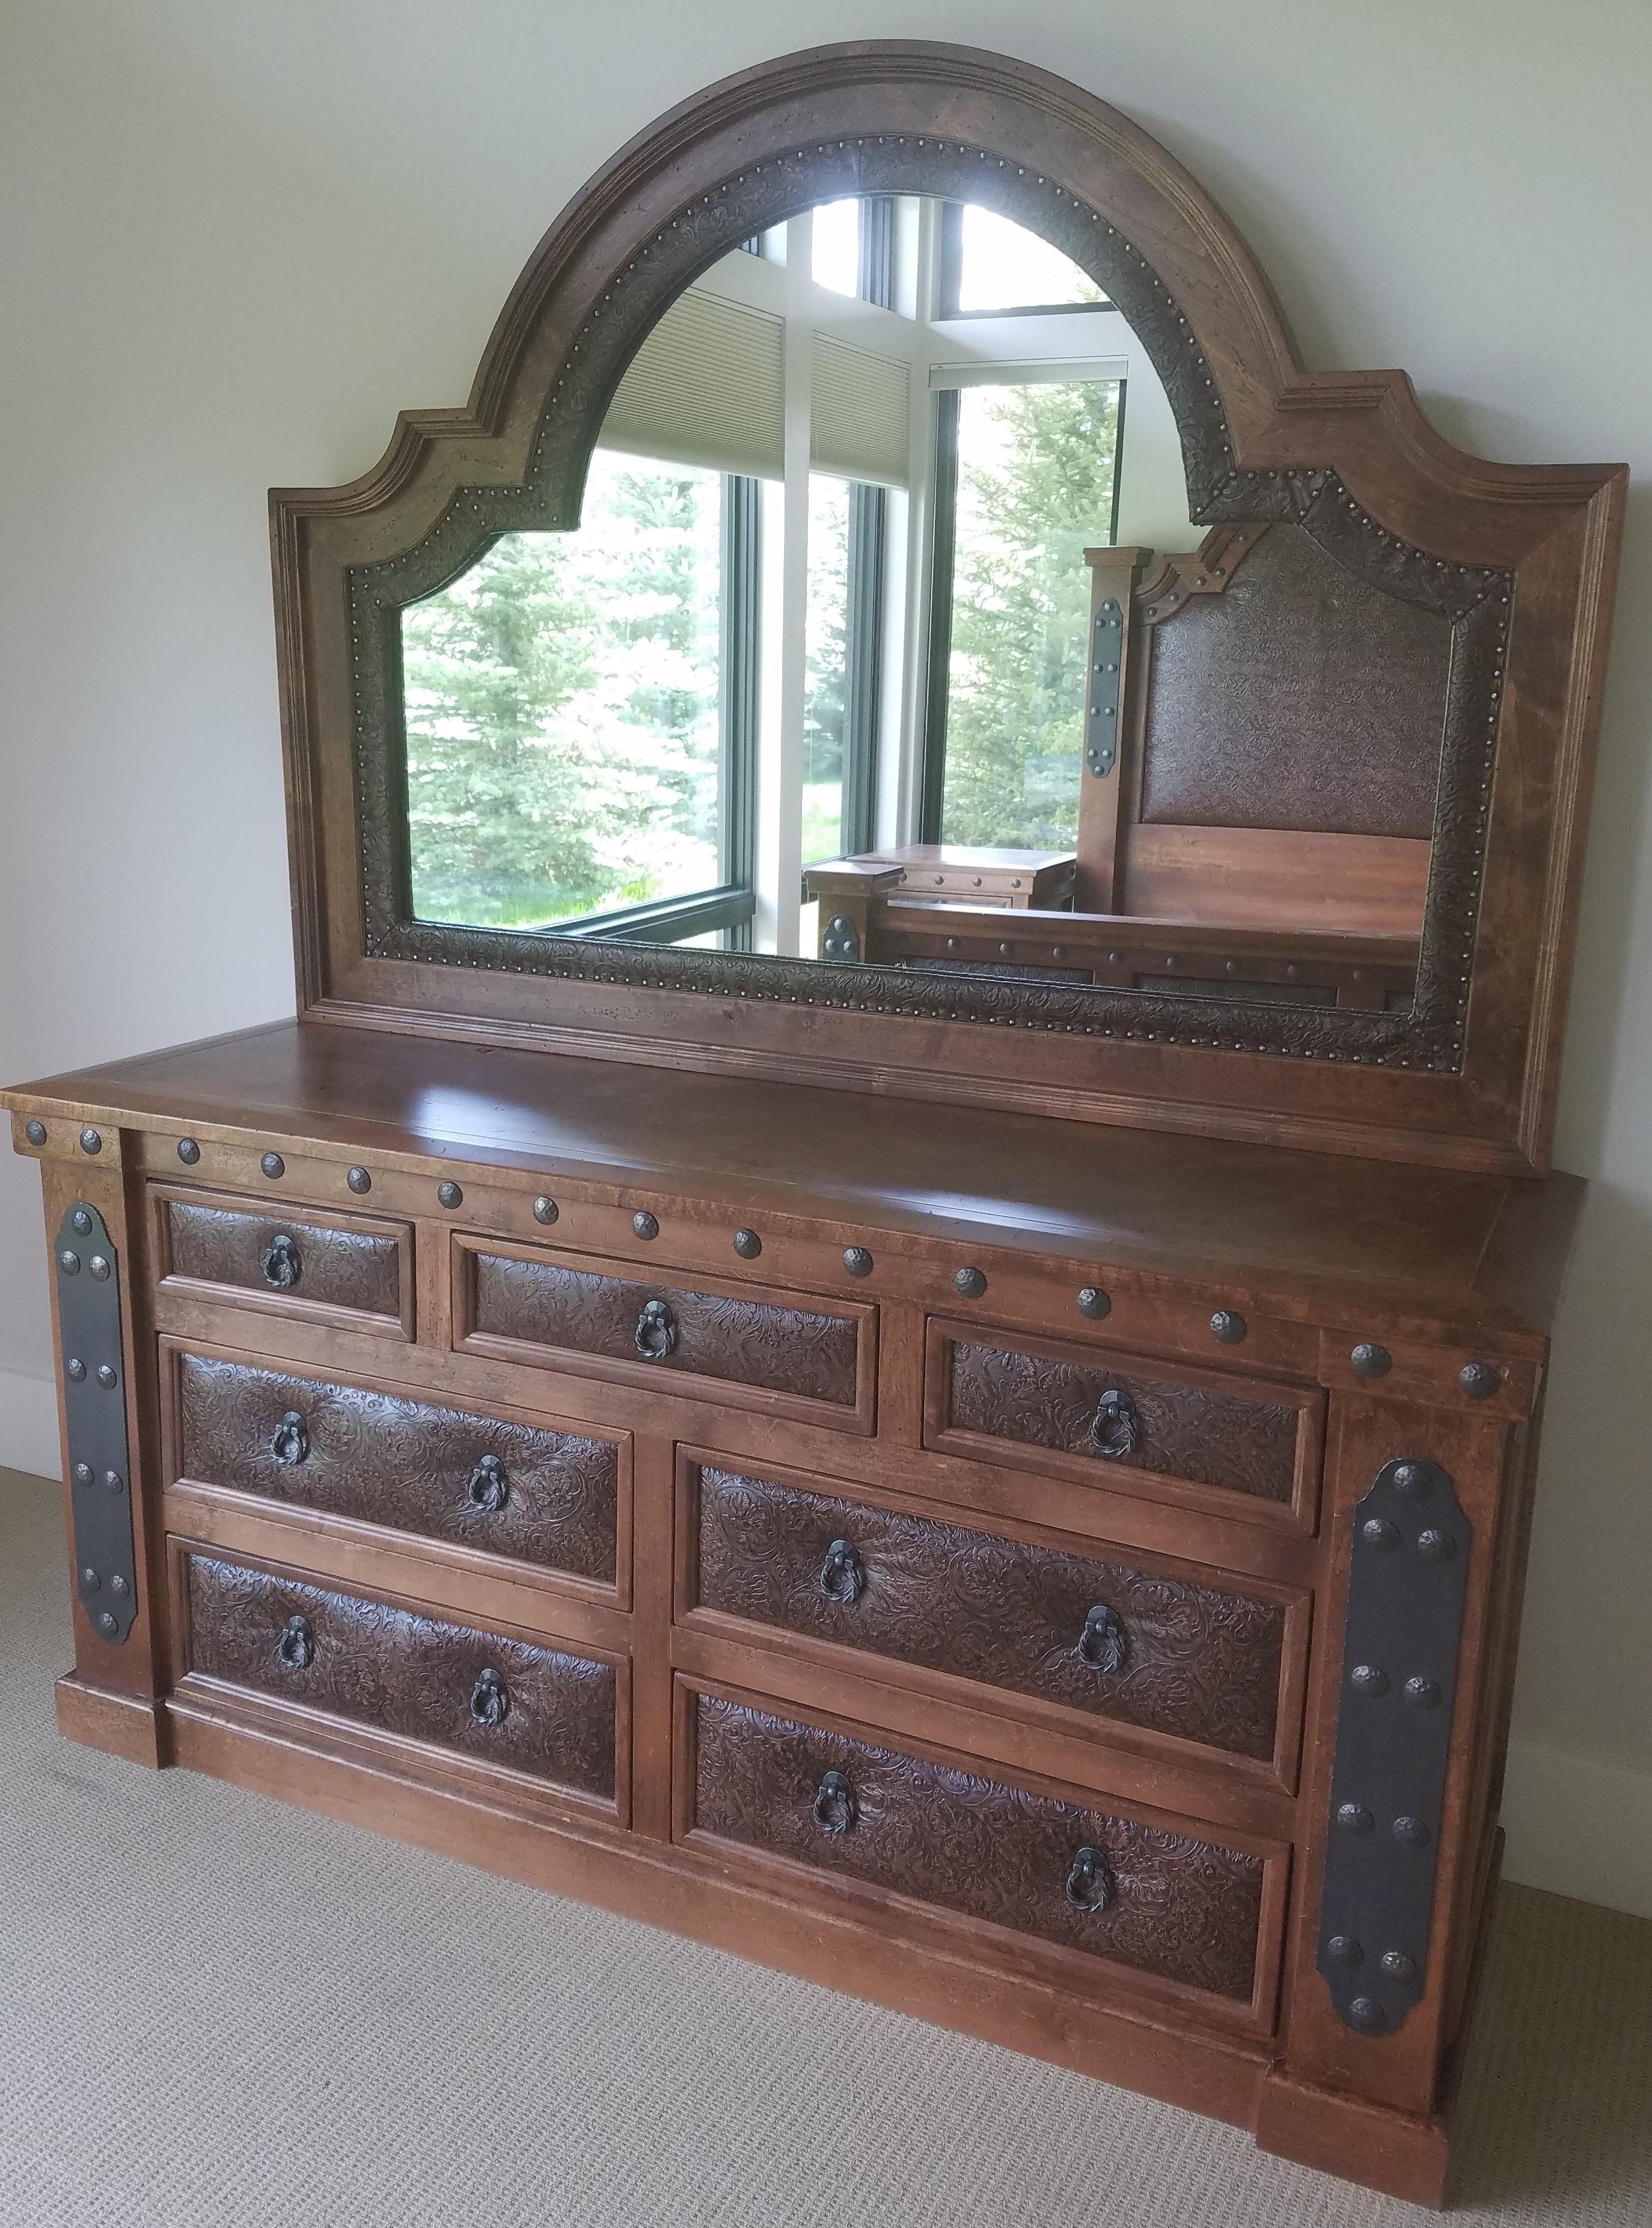 Durango 7-drawer dresser with Silverton mirror